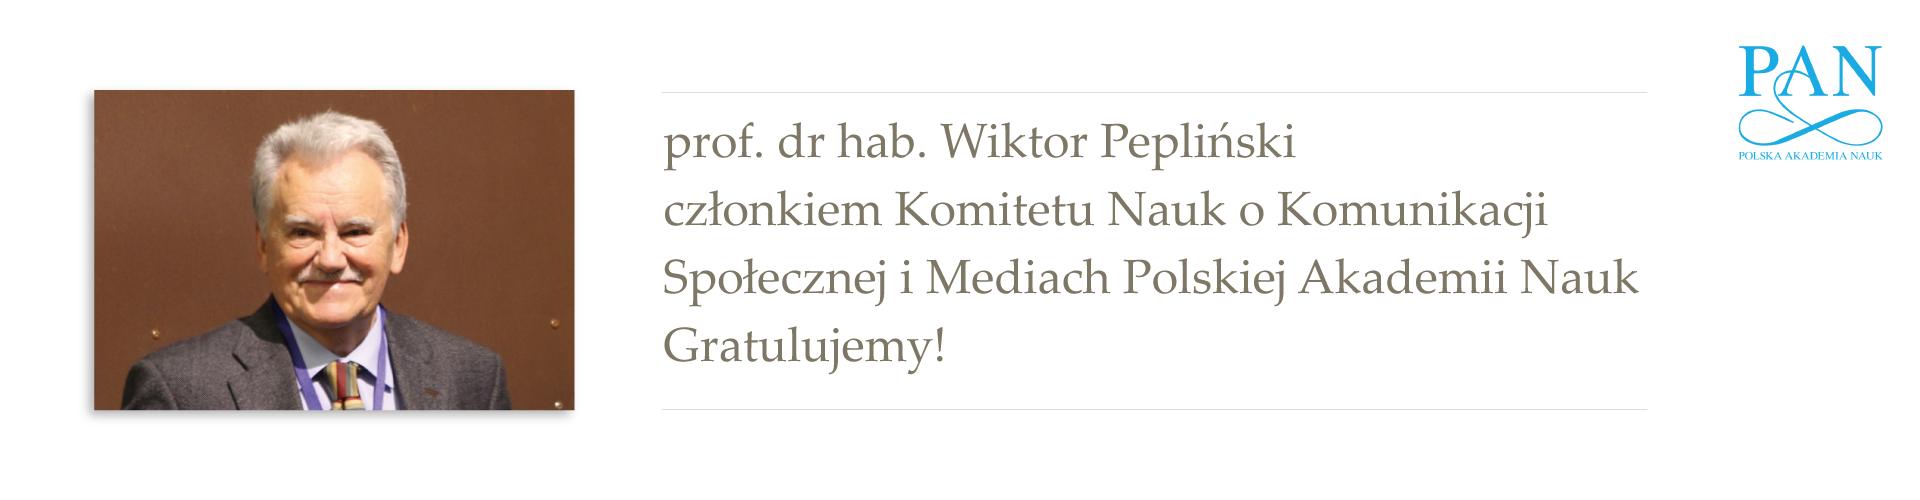 prof. dr hab. Wiktor Pepliński członkiem Komitetu Nauk o Komunikacji Społecznej i Mediach